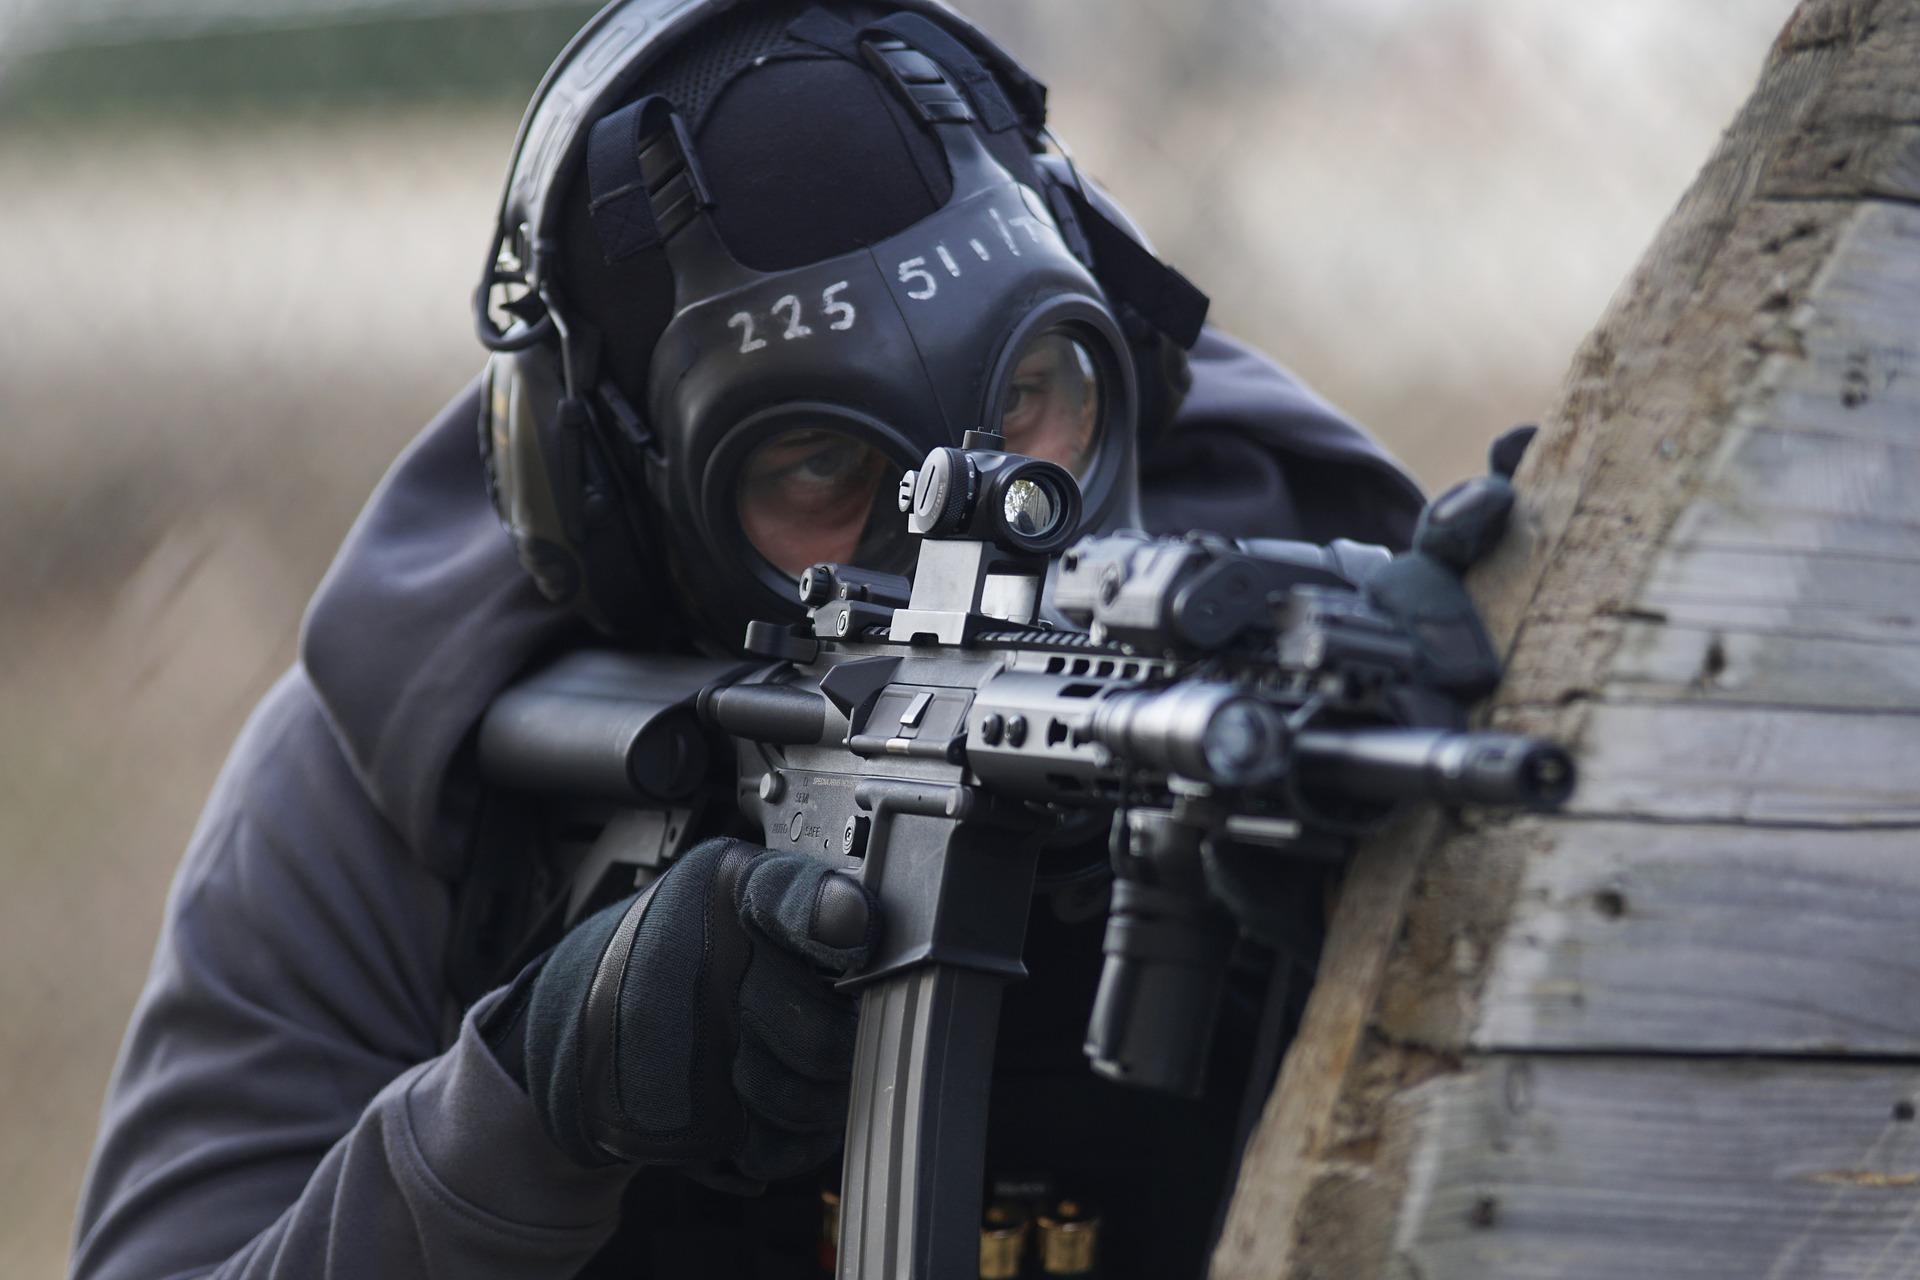 Imagem mostra uma pessoa praticando airsoft usando uma máscara de proteção.